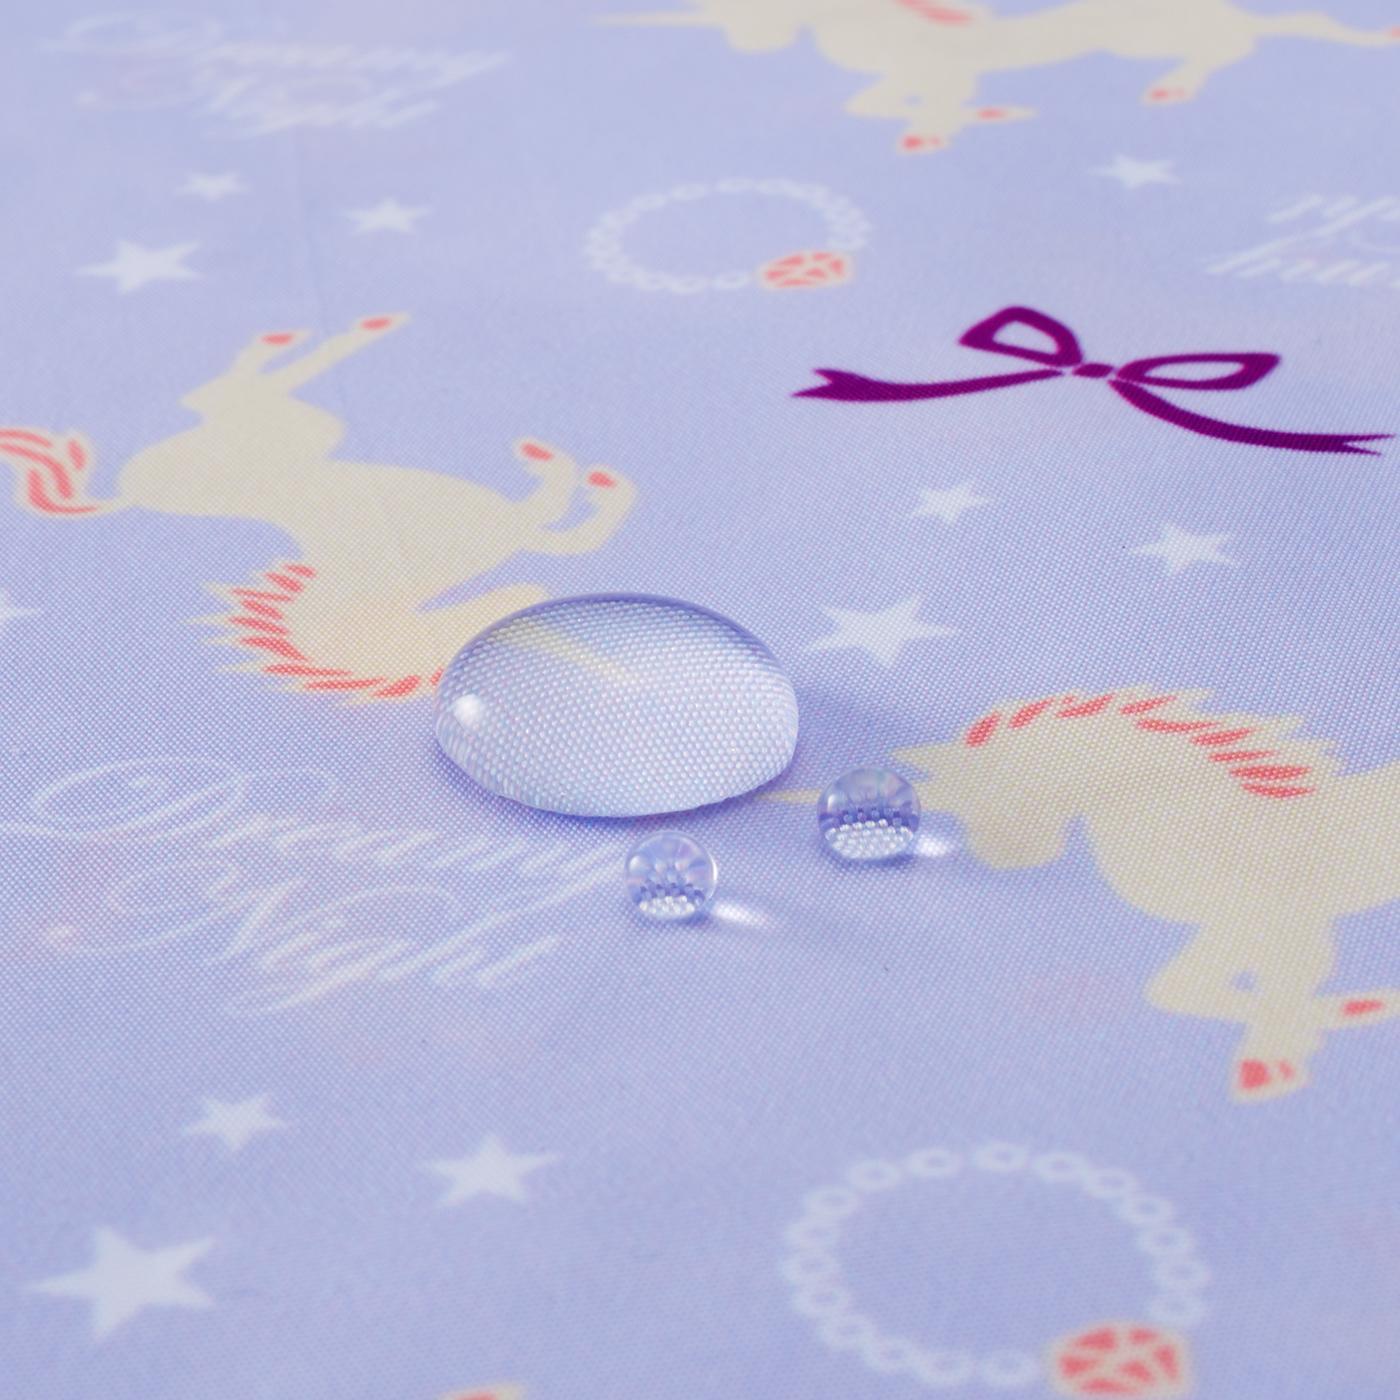 水を弾く撥水(はっすい)加工で雨の日も安心。